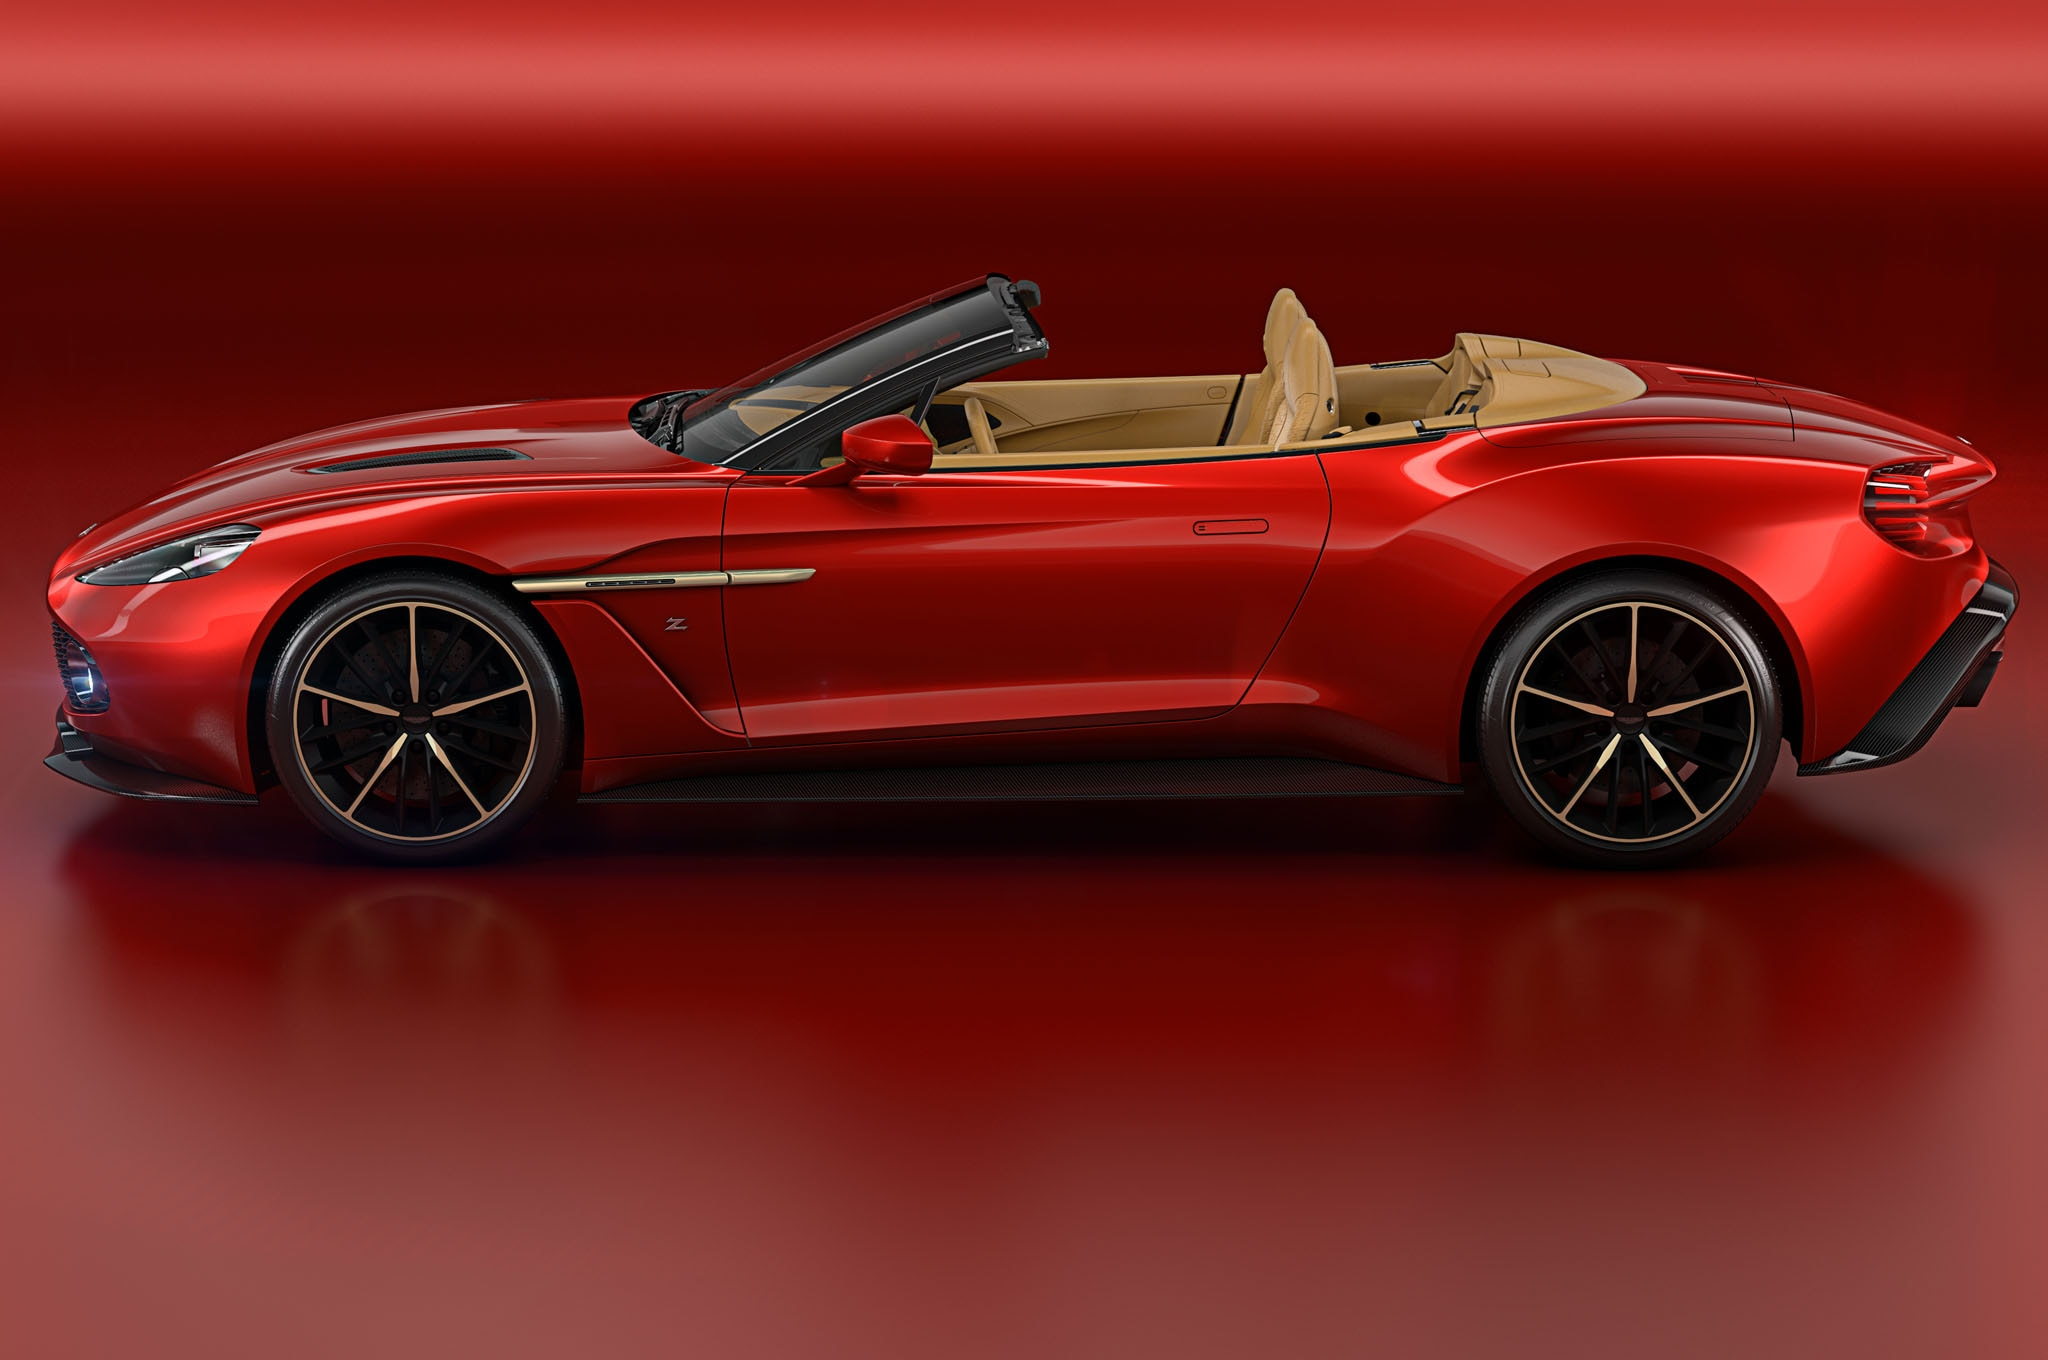 Aston Martin Vanquish Zagato Volante Side Angle 1